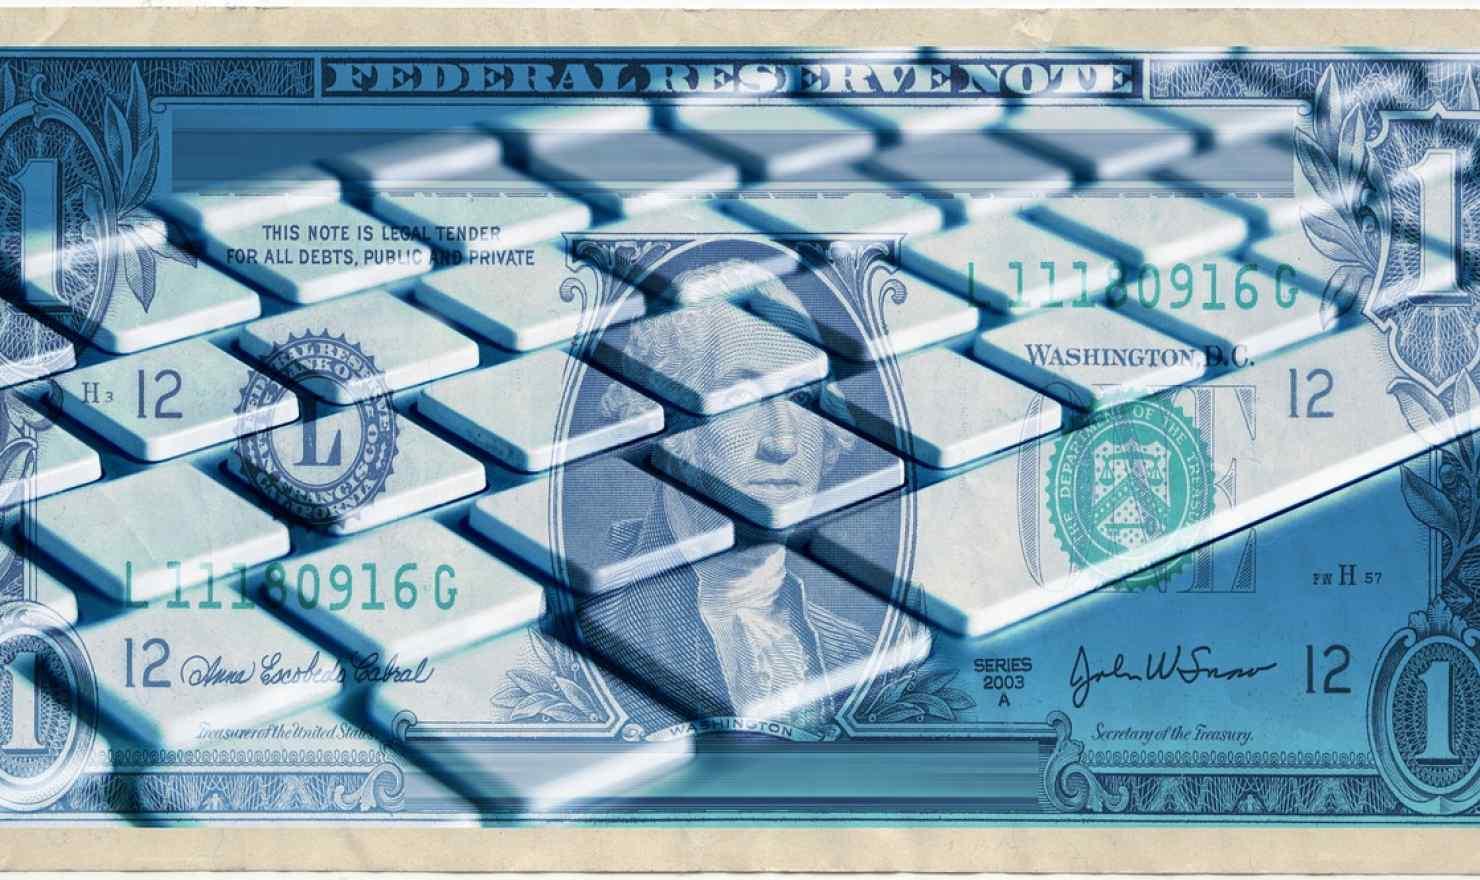 Маленькая зарплата заставляет искать дополнительные источники заработка, и здесь самые широкие возможности дает интернет. Среди множества способов своей доступностью выделяются партнерские программы. Поэтому если ищете, как заработать на партнерке, с чего/